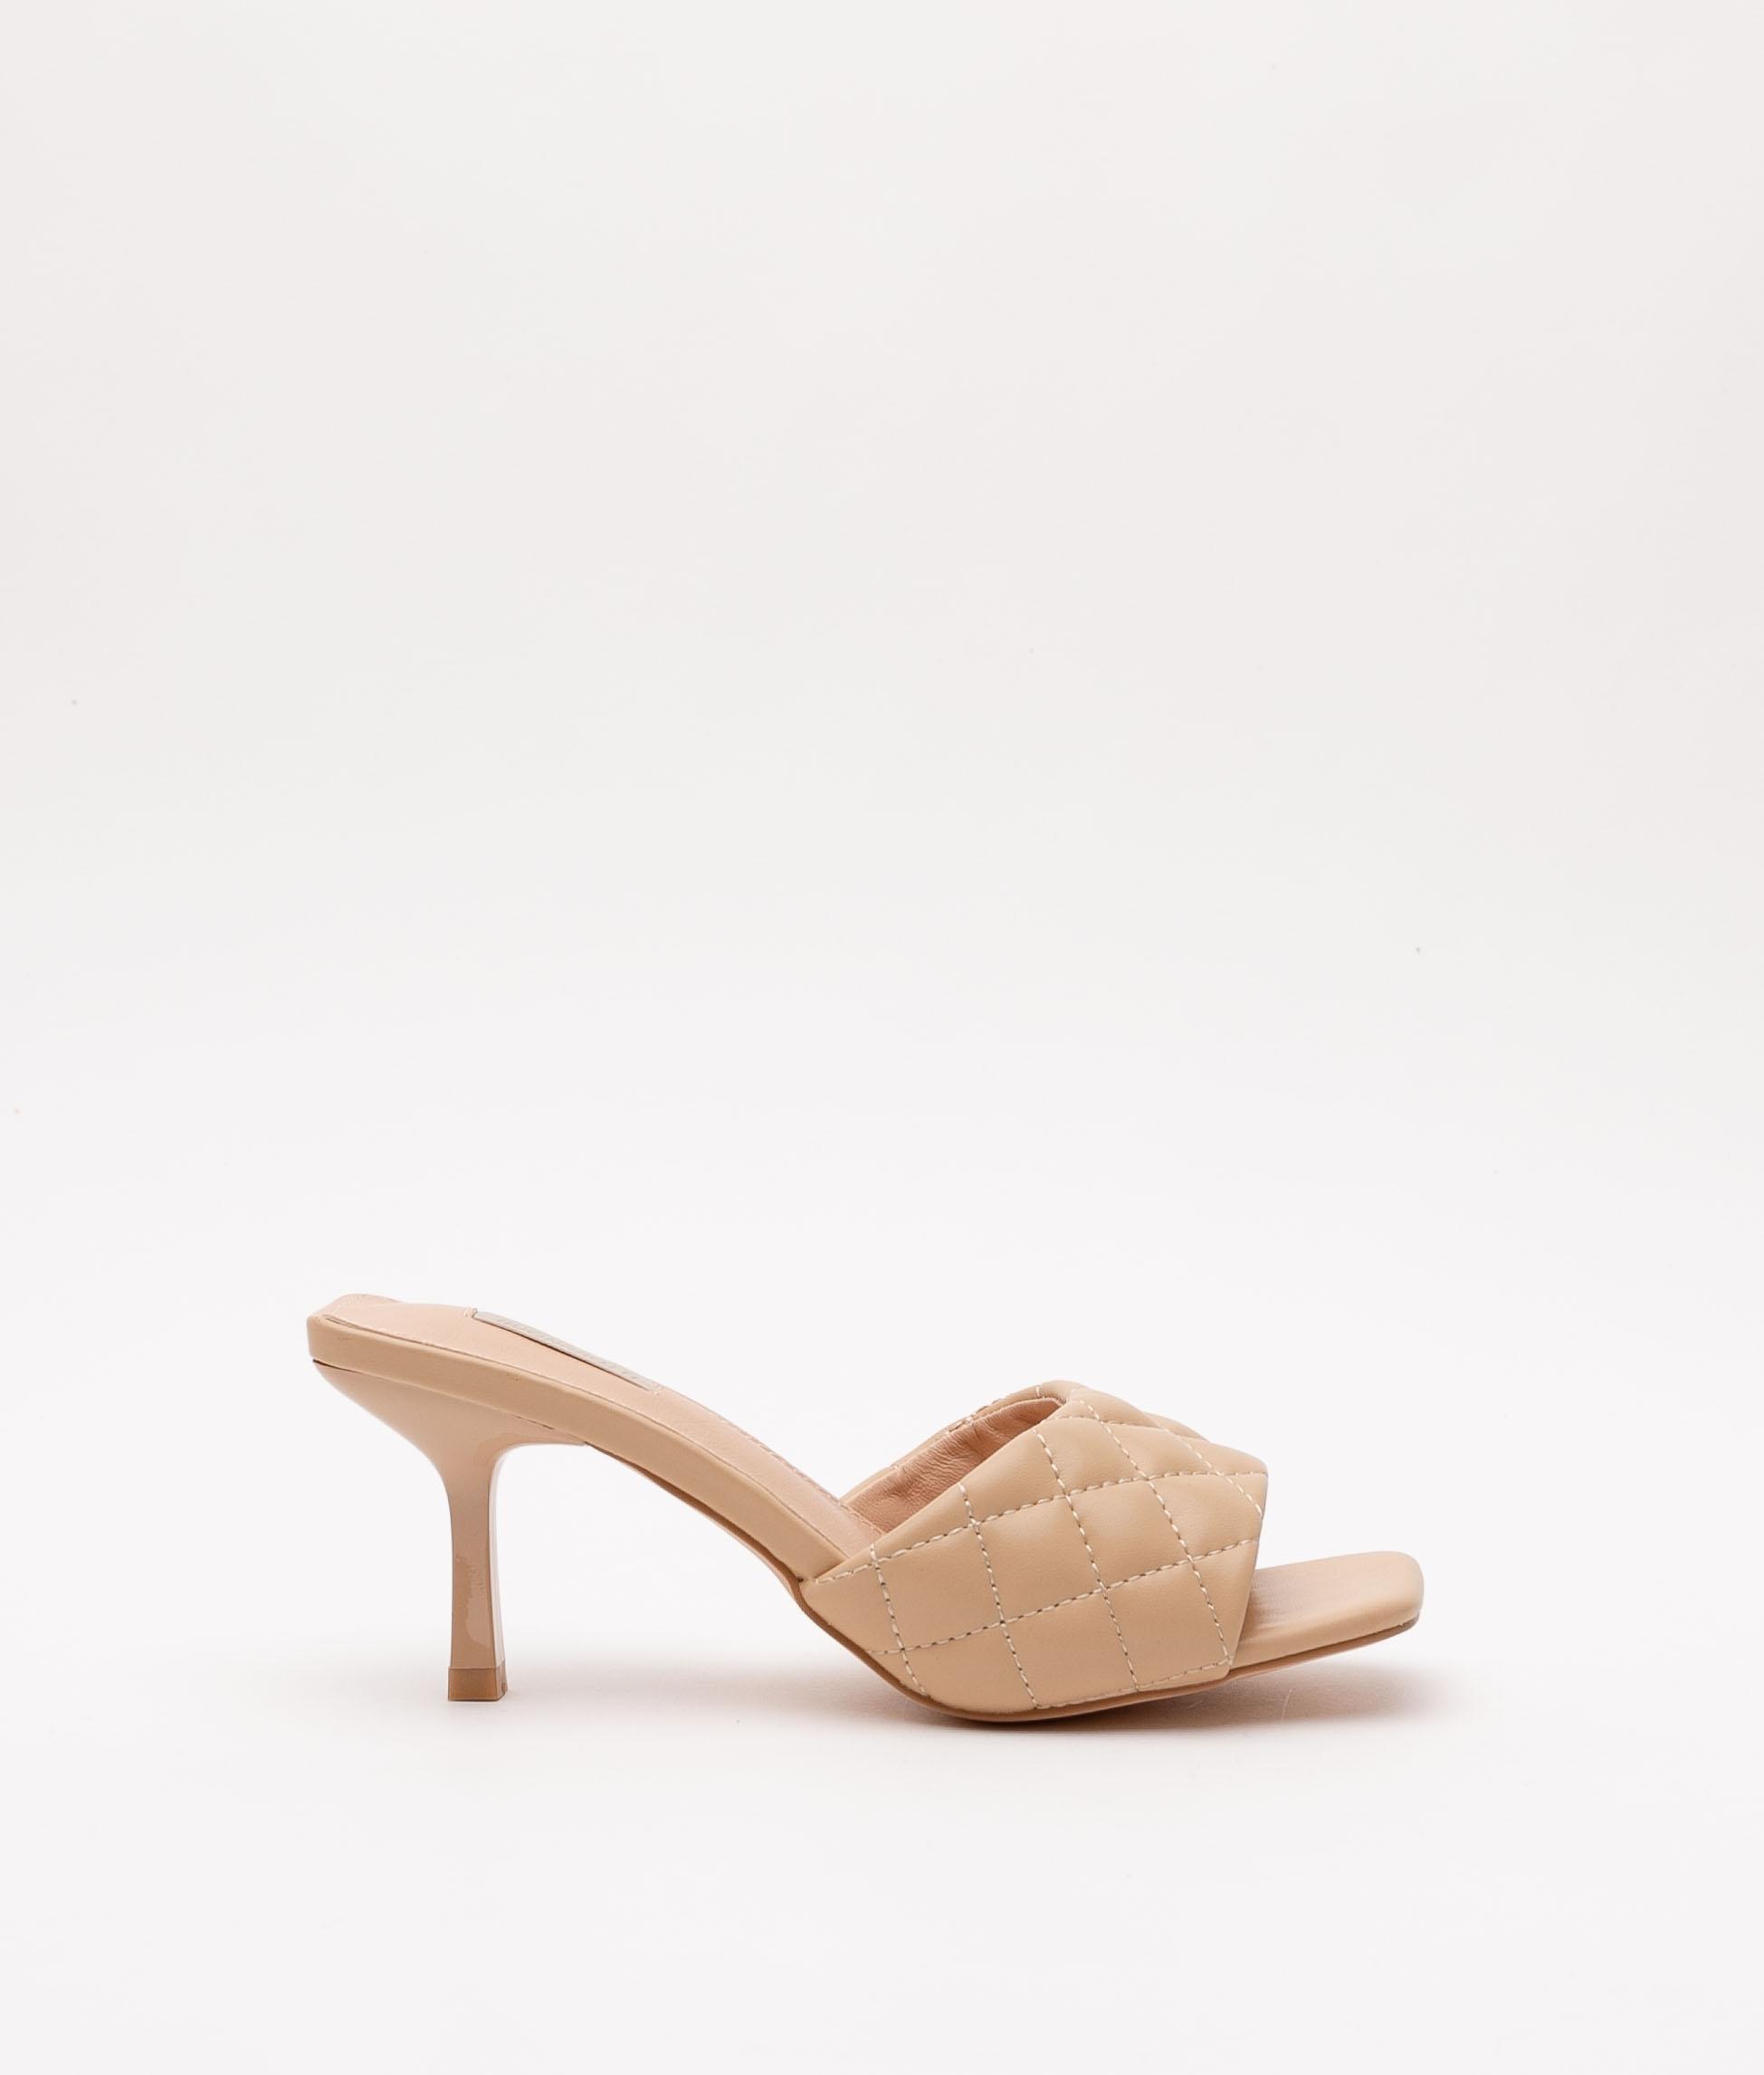 Sandalia de Tacón Burgas - Beige